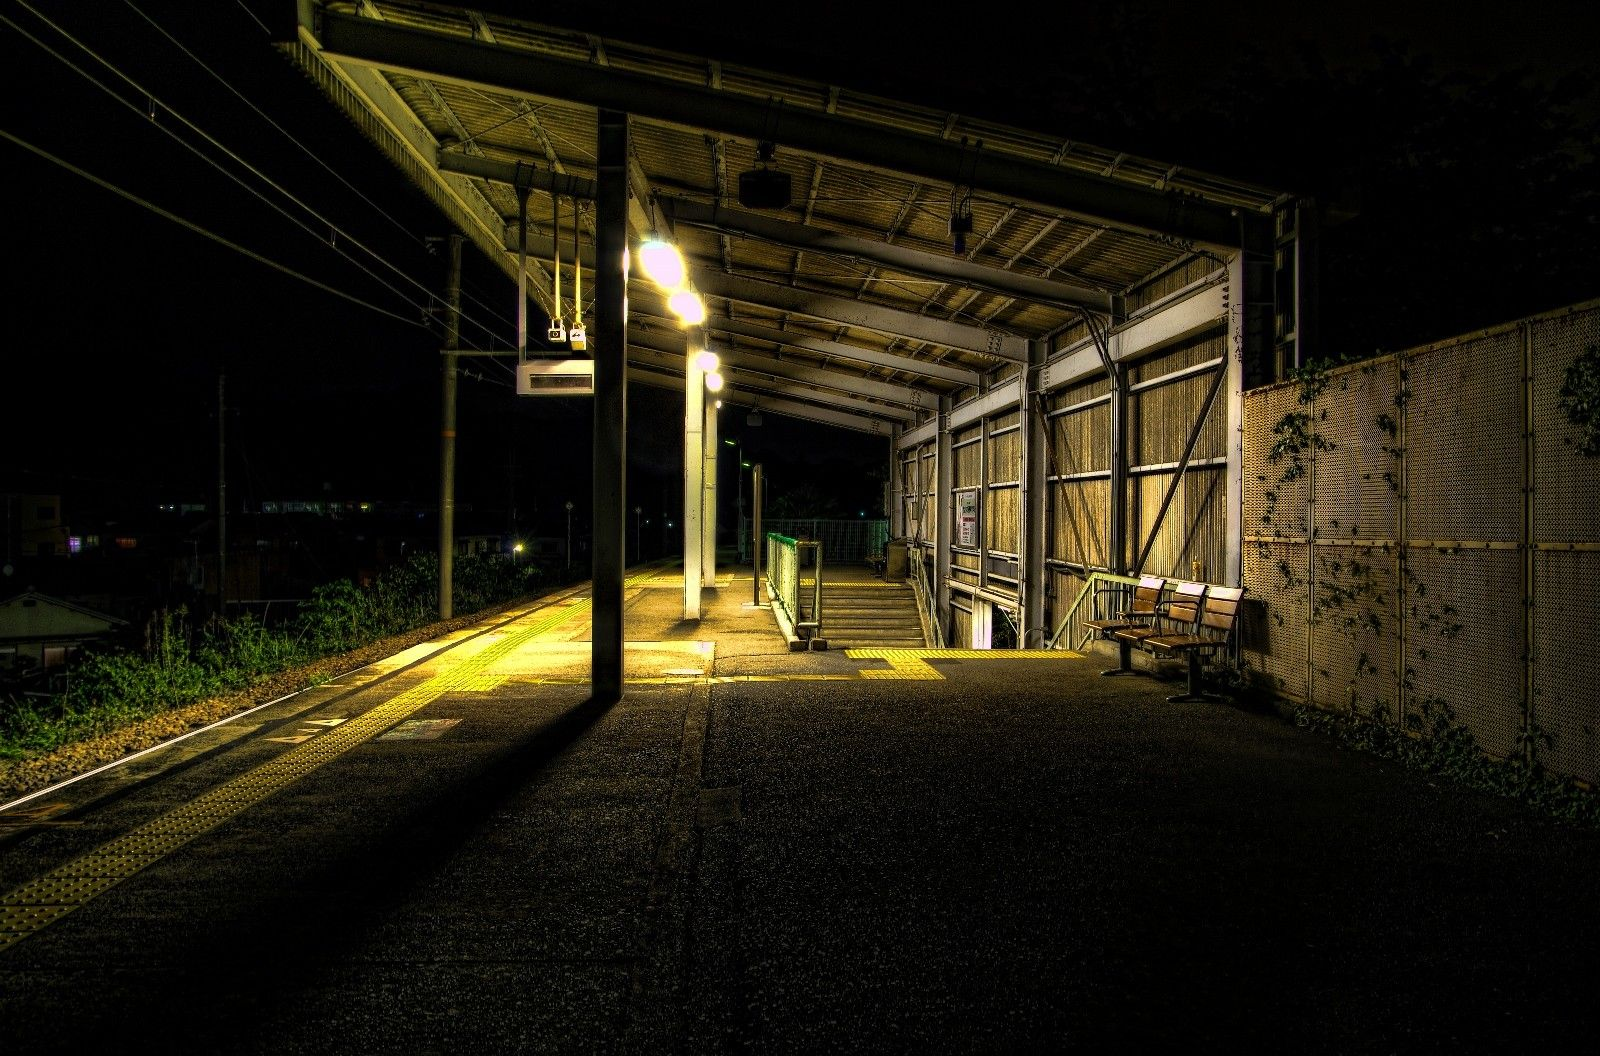 【都市伝説】きさらぎ駅は存在する?体験談や行き方、場所まとめのサムネイル画像